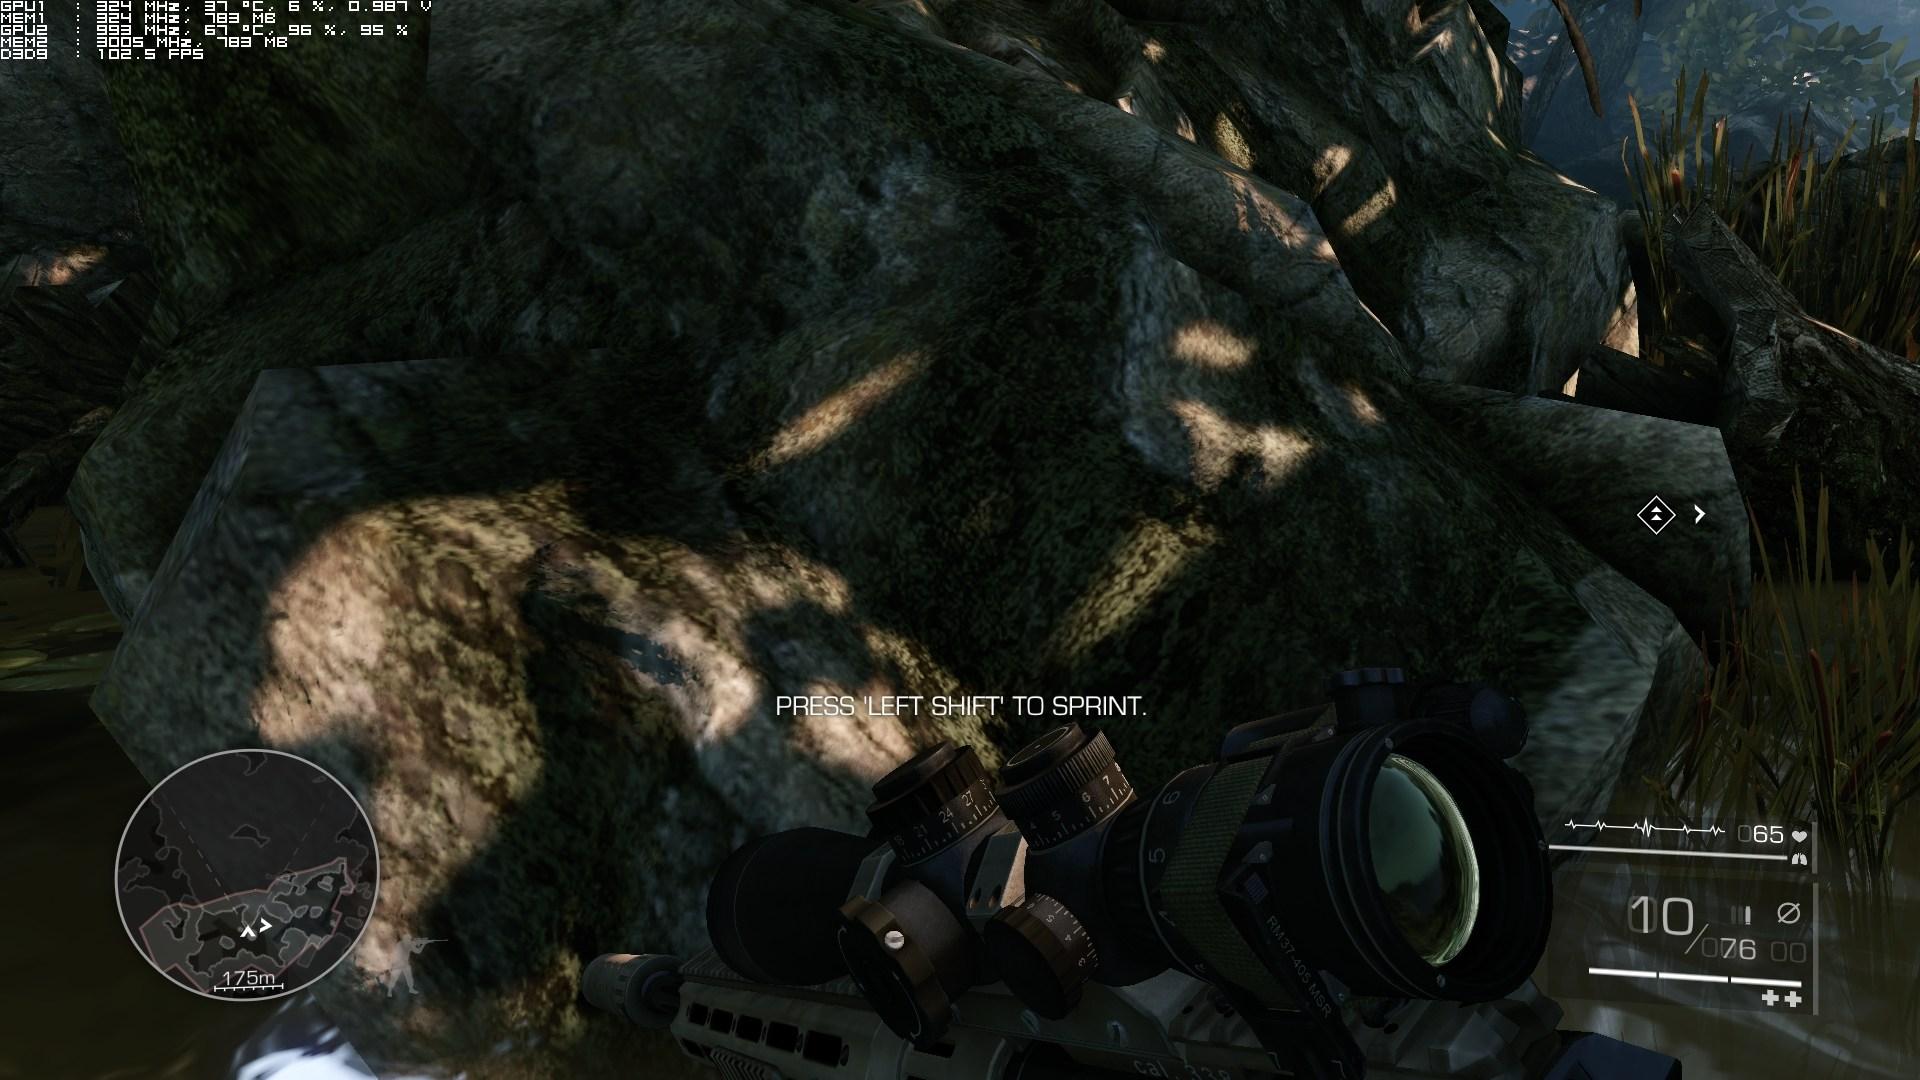 SniperGhostWarrior2_2013_03_21_13_26_16_073